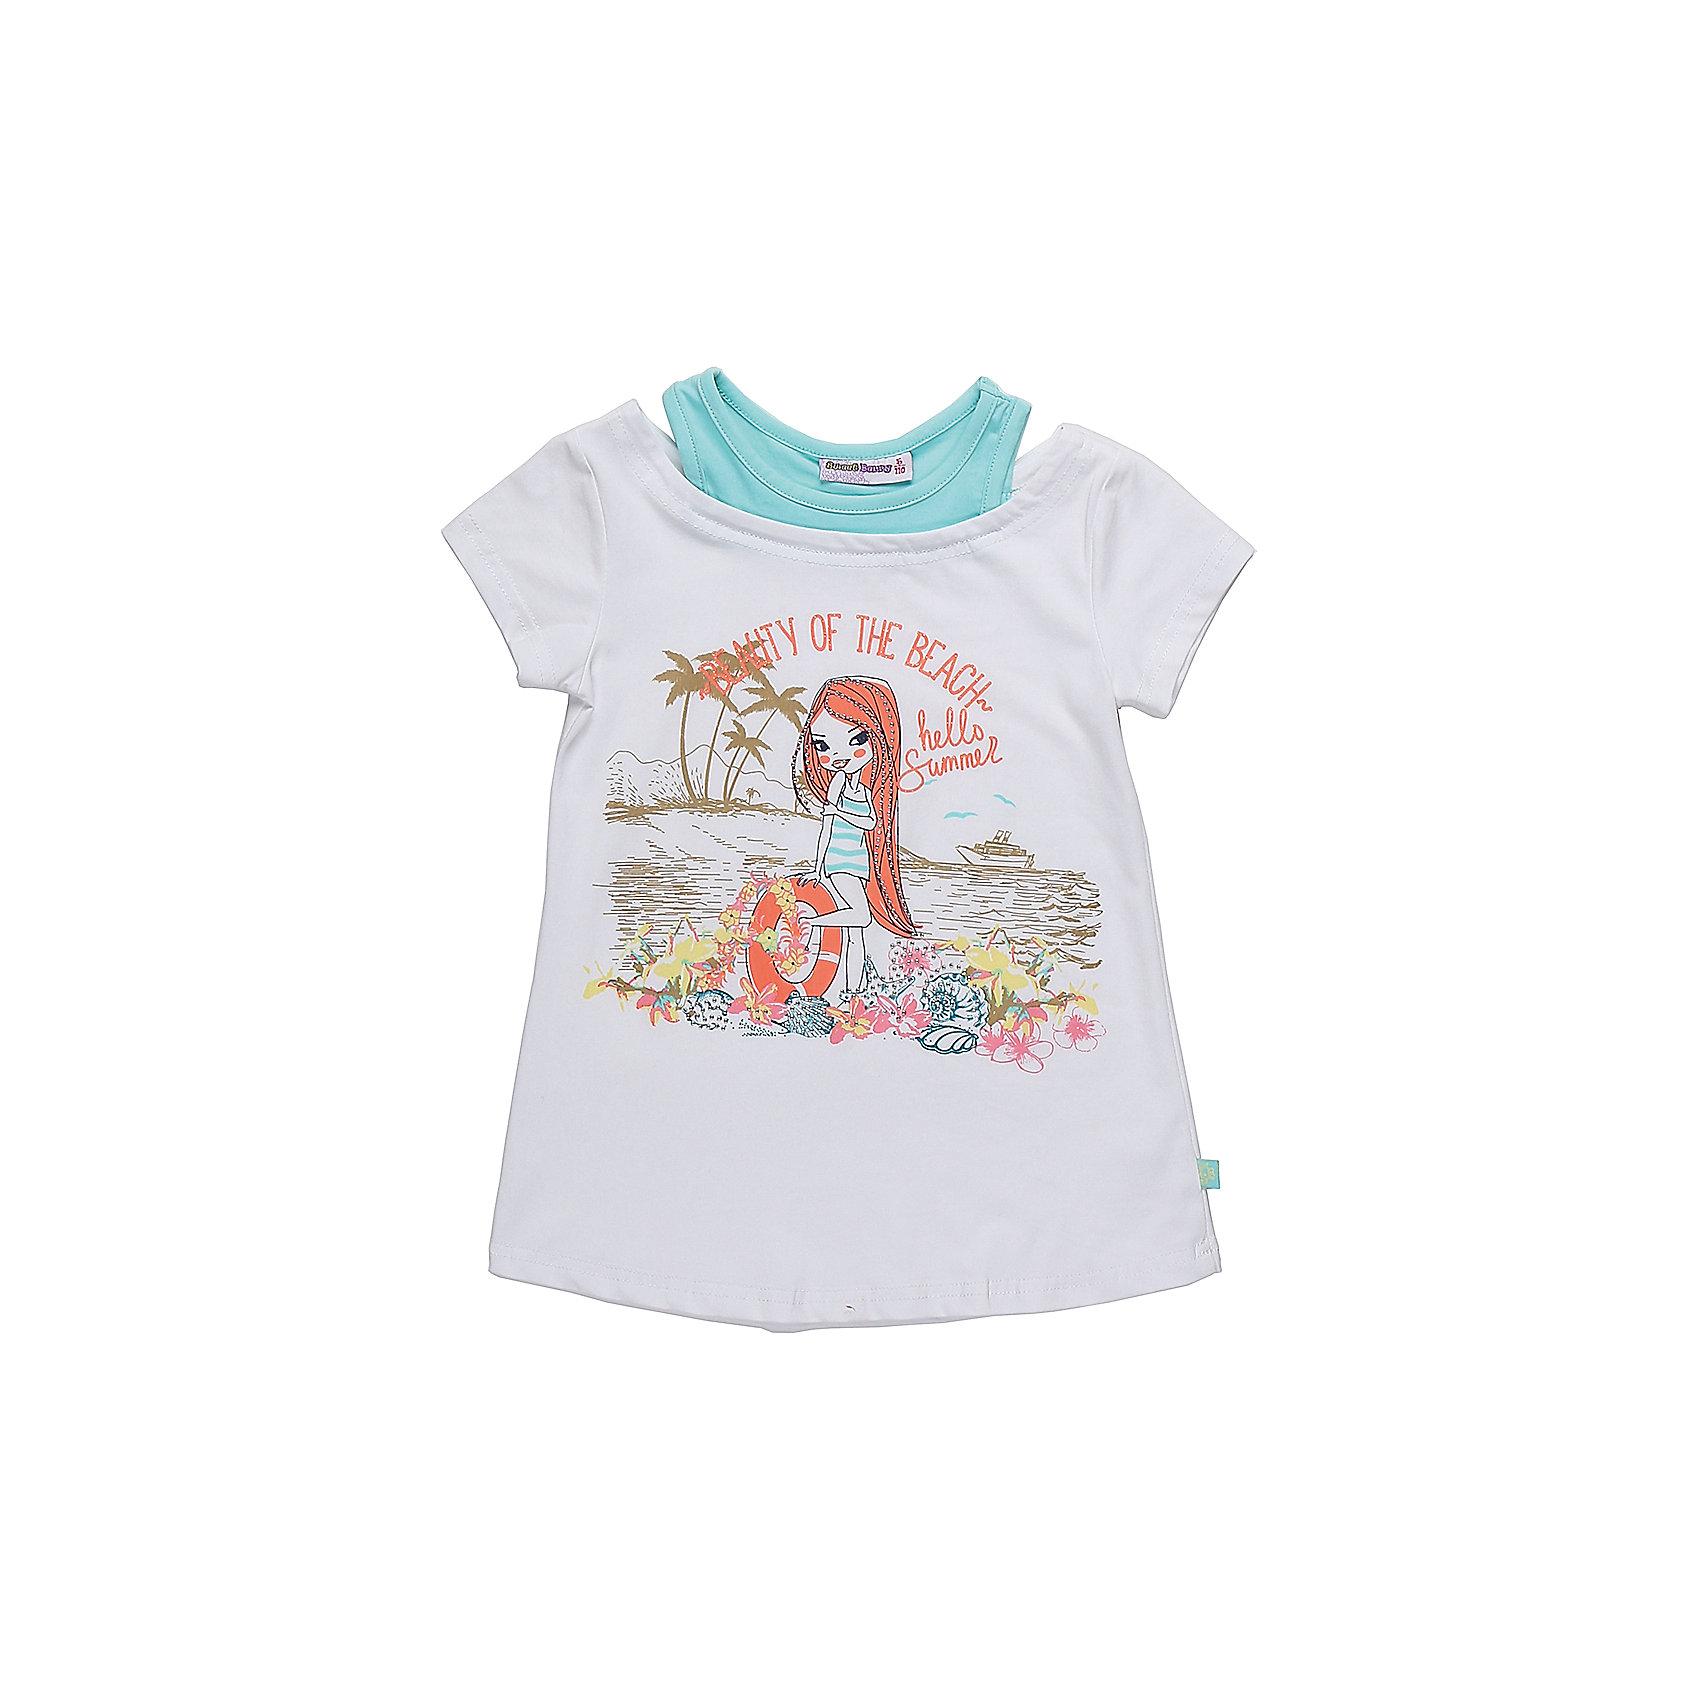 Футболка для девочки Sweet BerryСтильная футболка из трикотажной ткани для девочки с коротким рукавом. Декорирована оригинальным принтом.<br>Состав:<br>95%хлопок 5%эластан<br><br>Ширина мм: 199<br>Глубина мм: 10<br>Высота мм: 161<br>Вес г: 151<br>Цвет: белый<br>Возраст от месяцев: 36<br>Возраст до месяцев: 48<br>Пол: Женский<br>Возраст: Детский<br>Размер: 104,98,110,116,122,128<br>SKU: 5412675